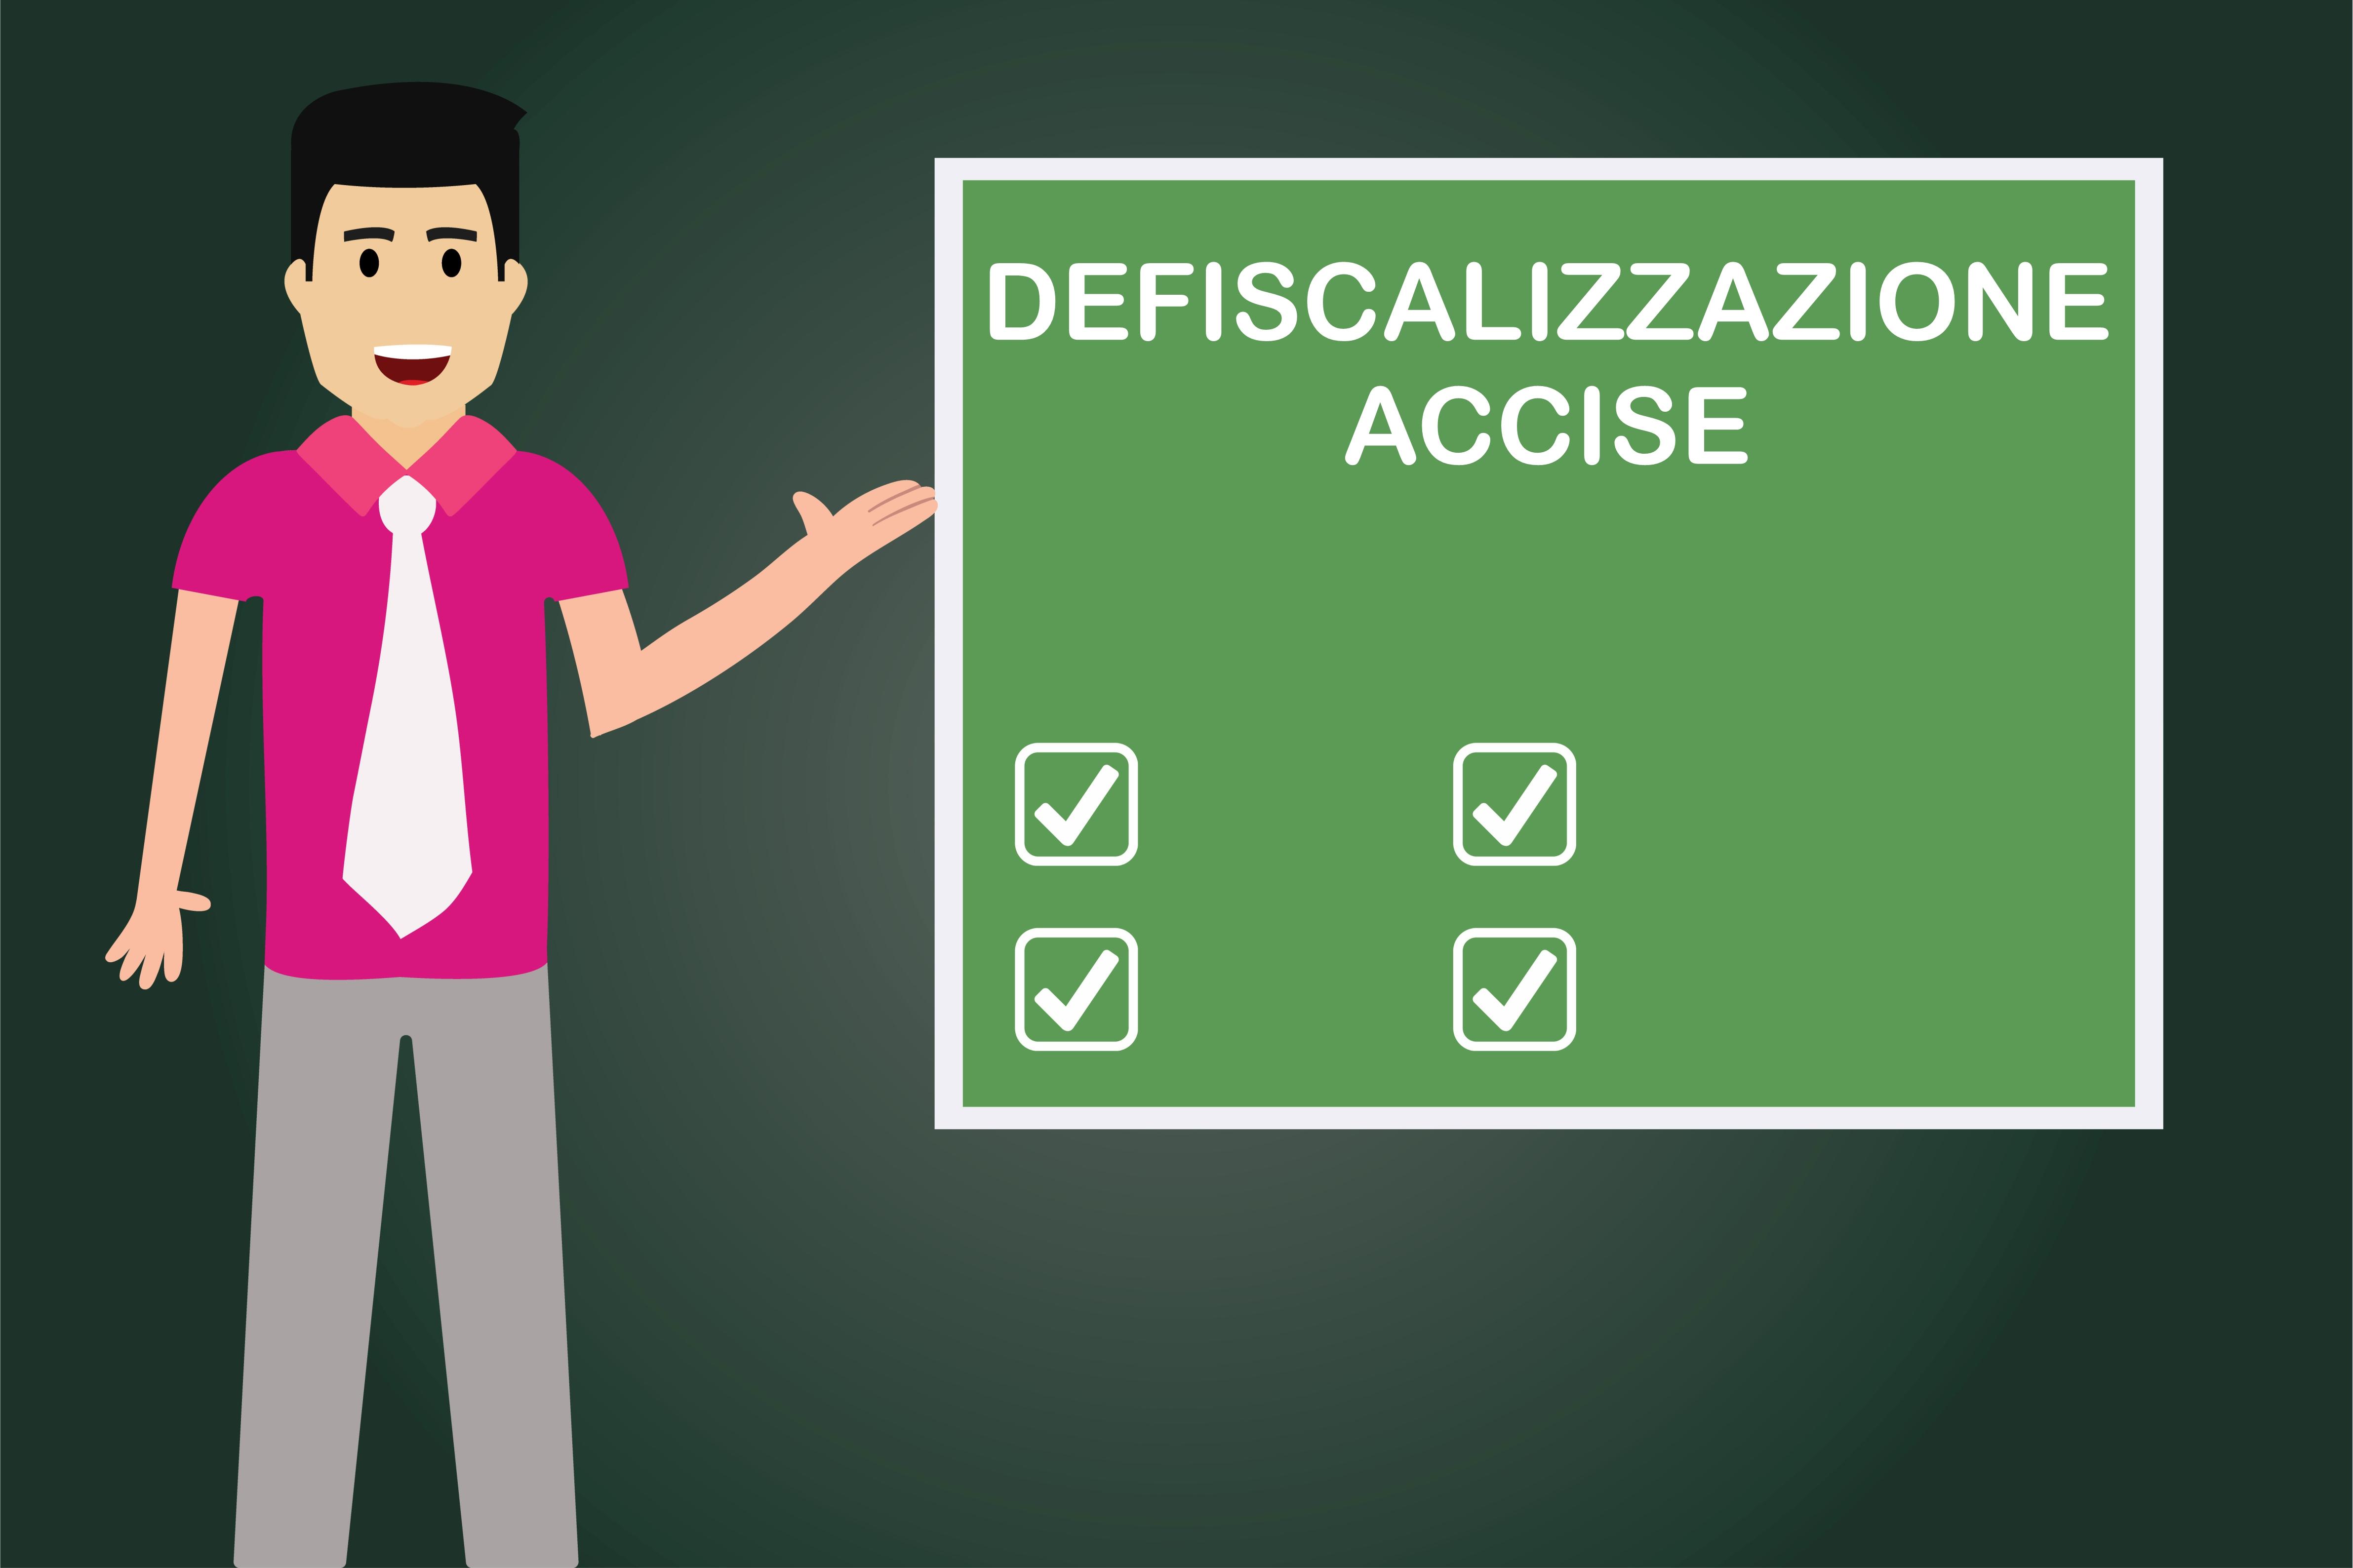 Defiscalizzazione Accise: rimborso parziale per il consumo di gasolio